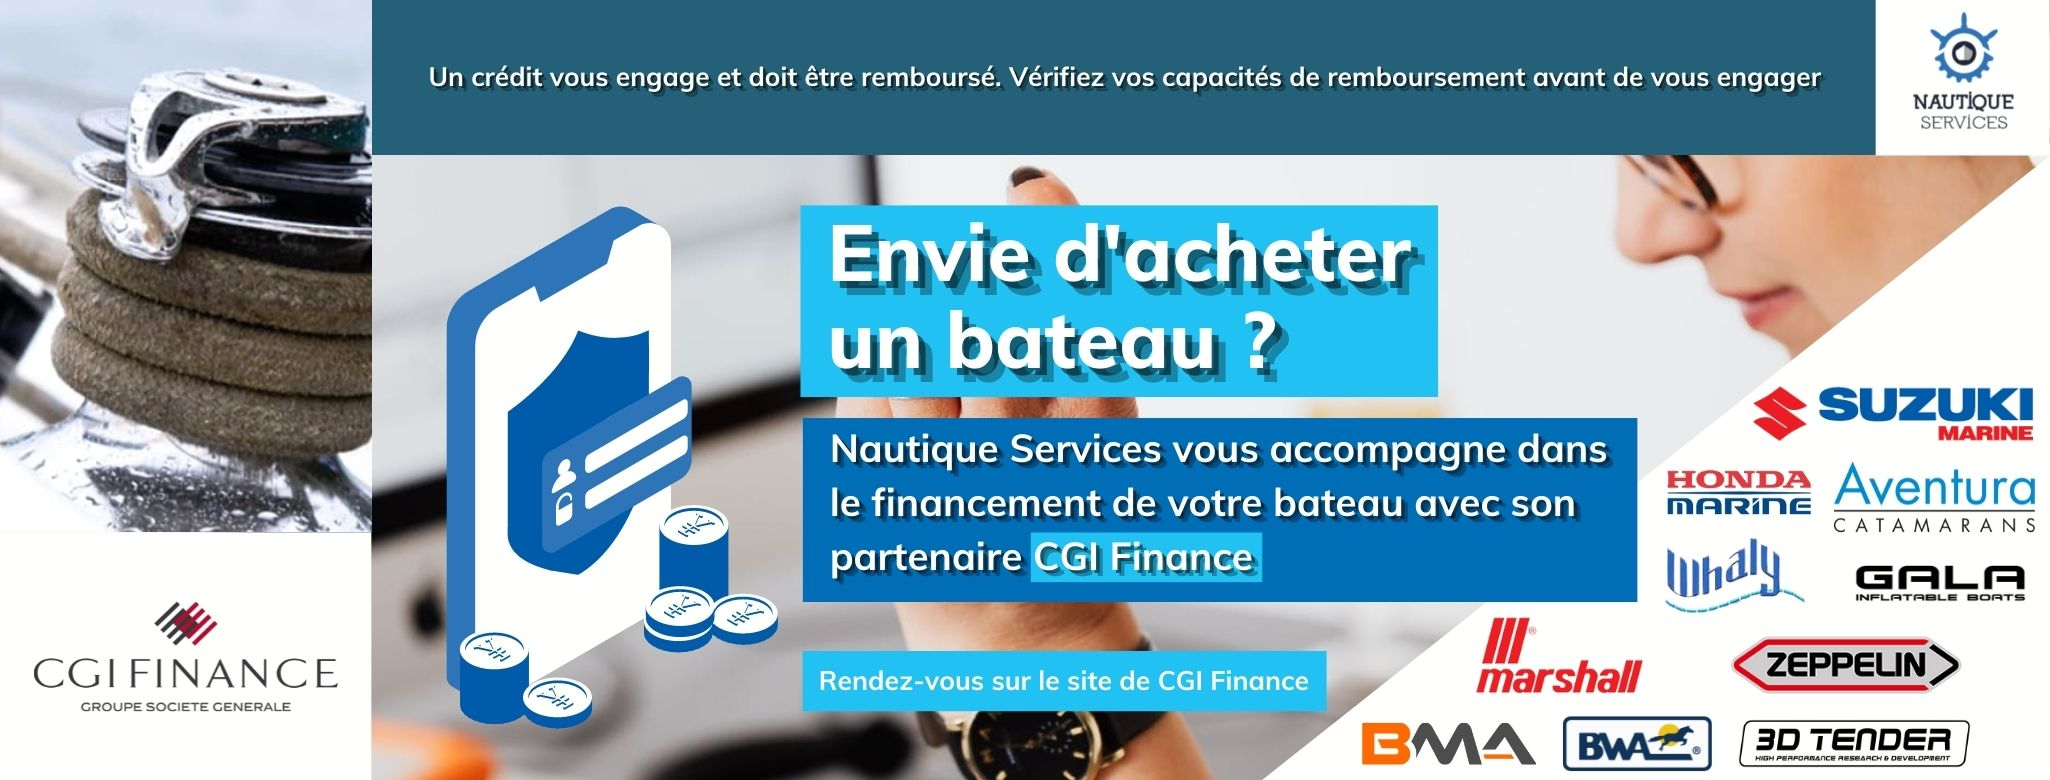 Nautique services La Rochelle - Vente de bateau à La Rochelle - CGI Finance